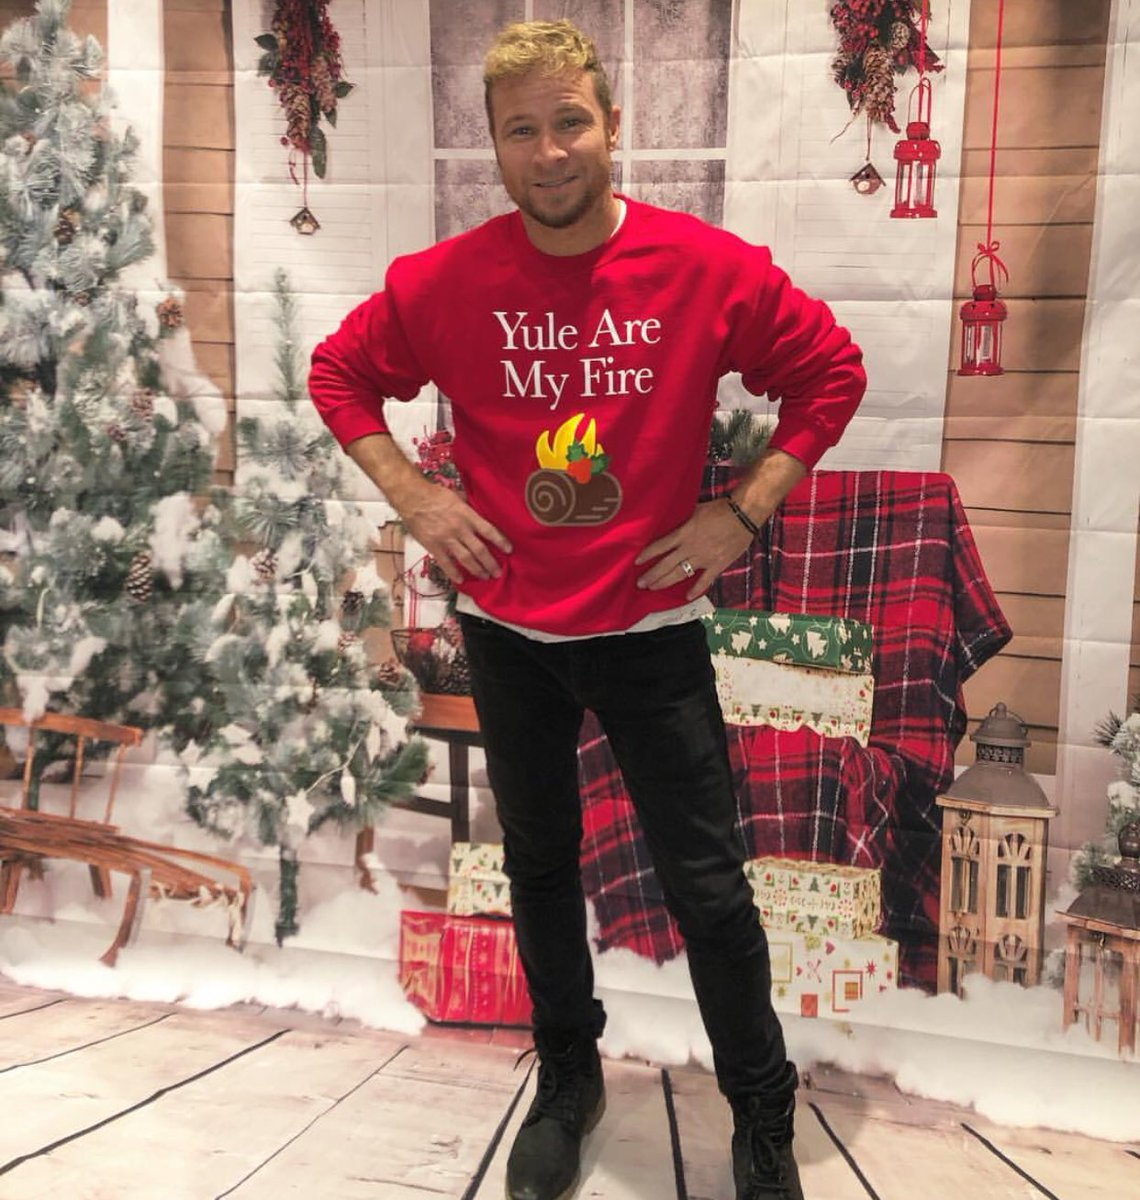 Backstreet Boys Christmas Sweater.Backstreet Boys On Twitter Yule Are My Fire We Ve